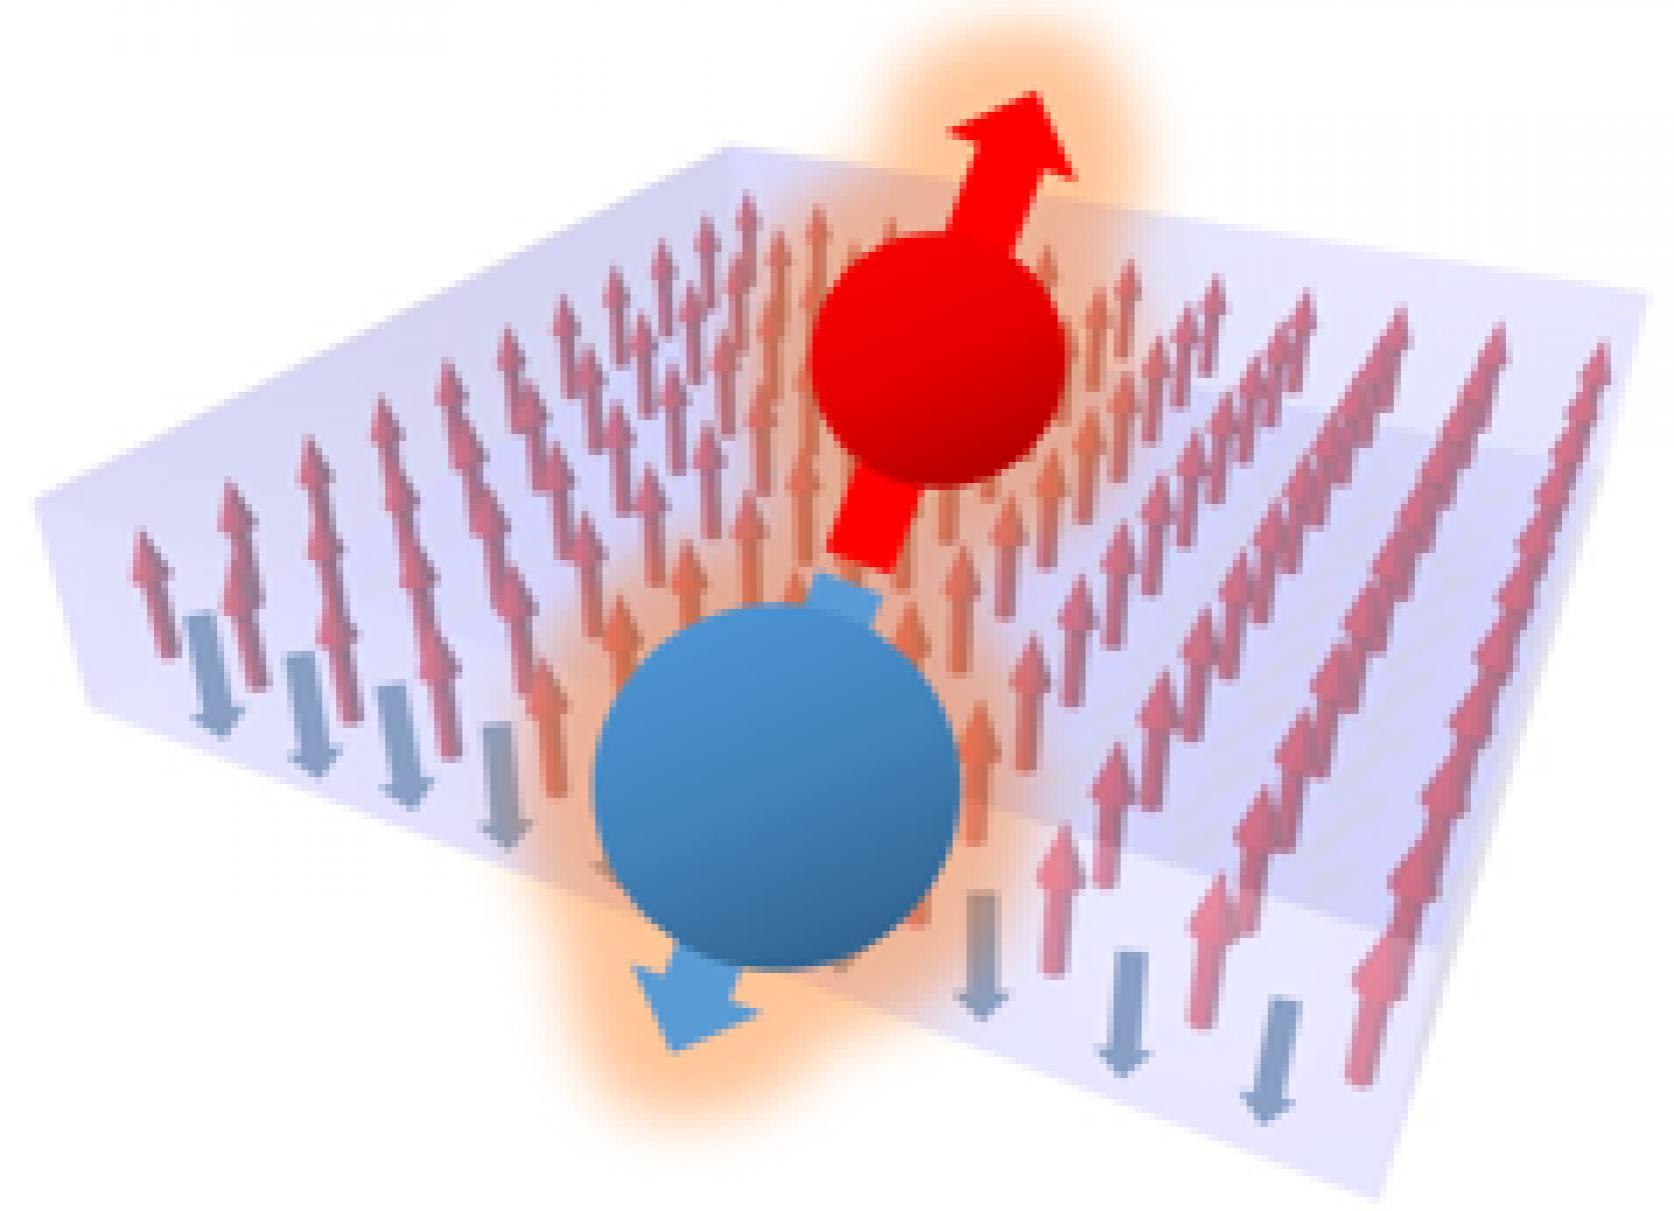 「高速動作磁壁メモリの実現へ道筋」電子工学科 塚本新教授の共同研究成果が「NatureElectronics」誌に掲載、日本大学と京都大学の共同プレスリリースが行われました。